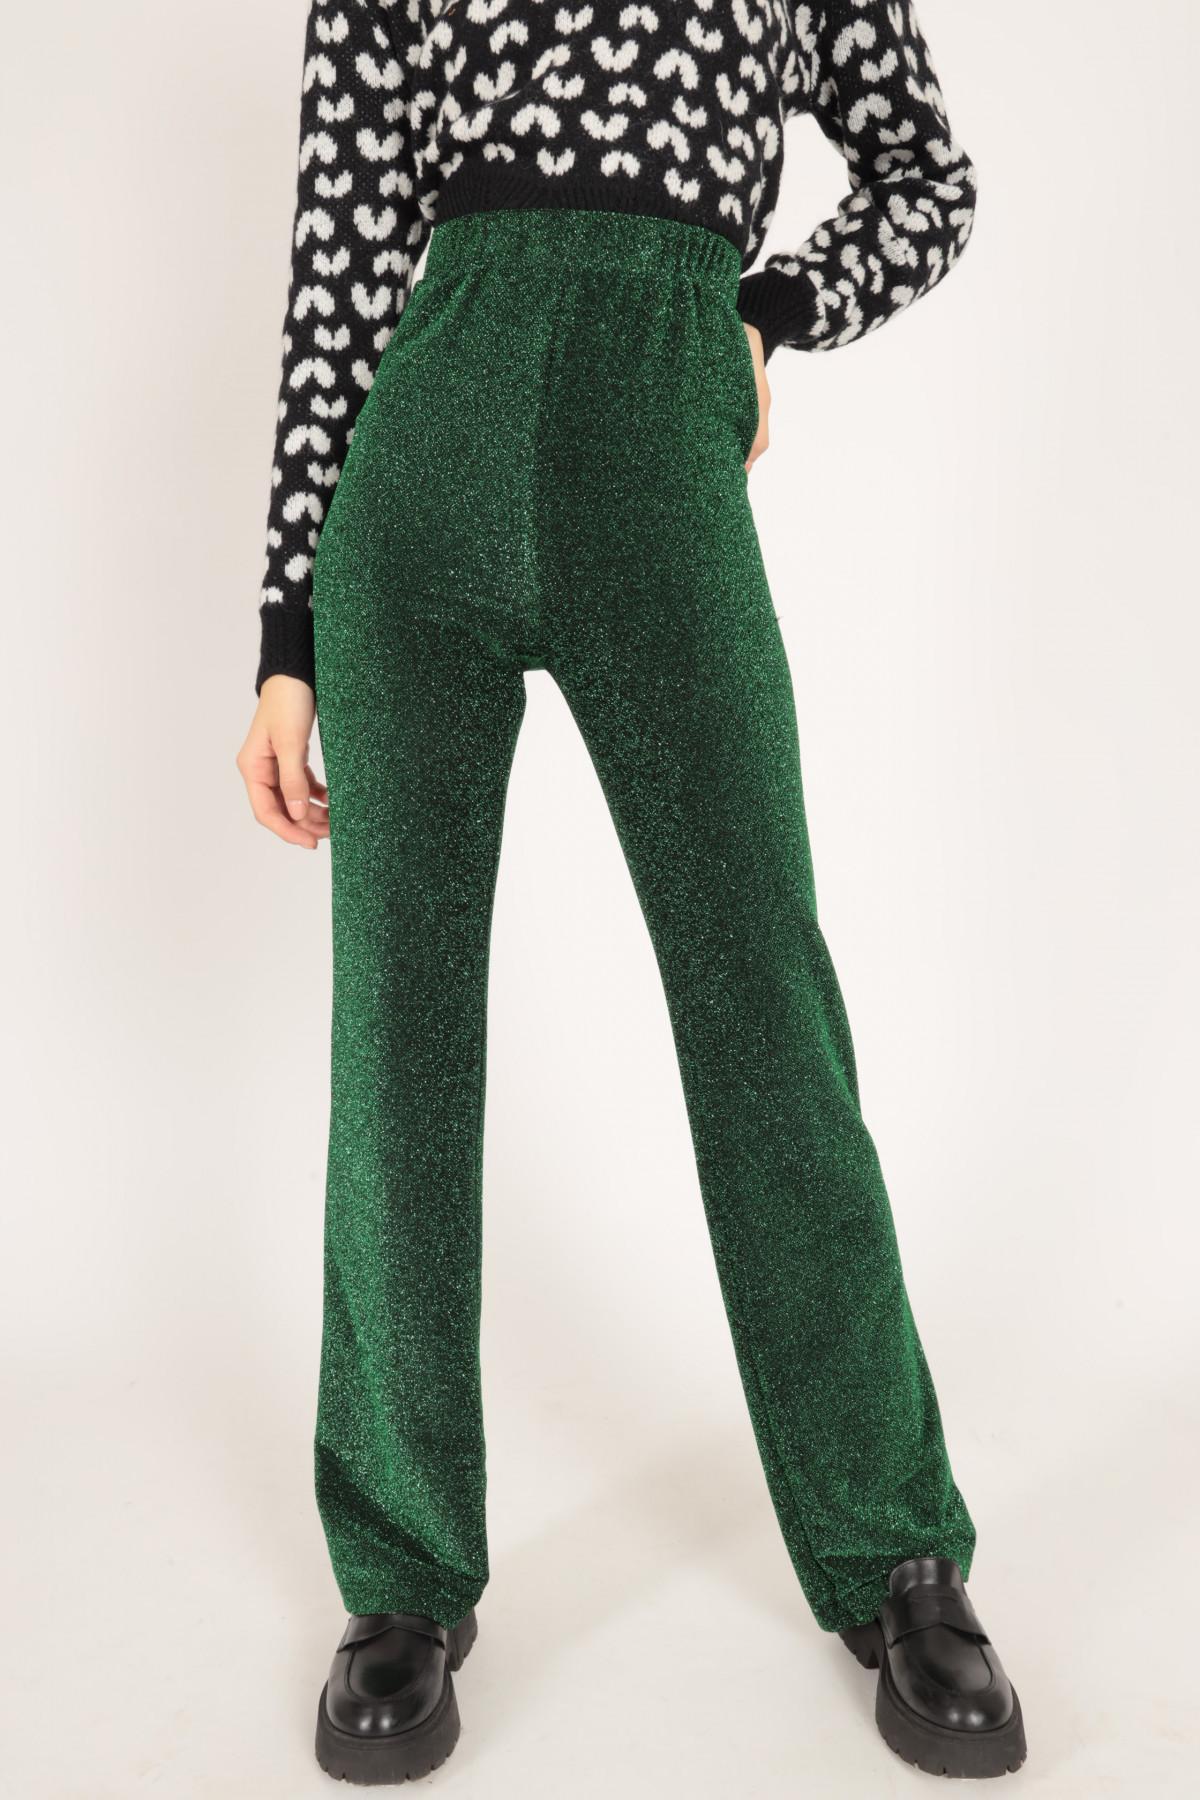 Pantalone lurex 100%pl